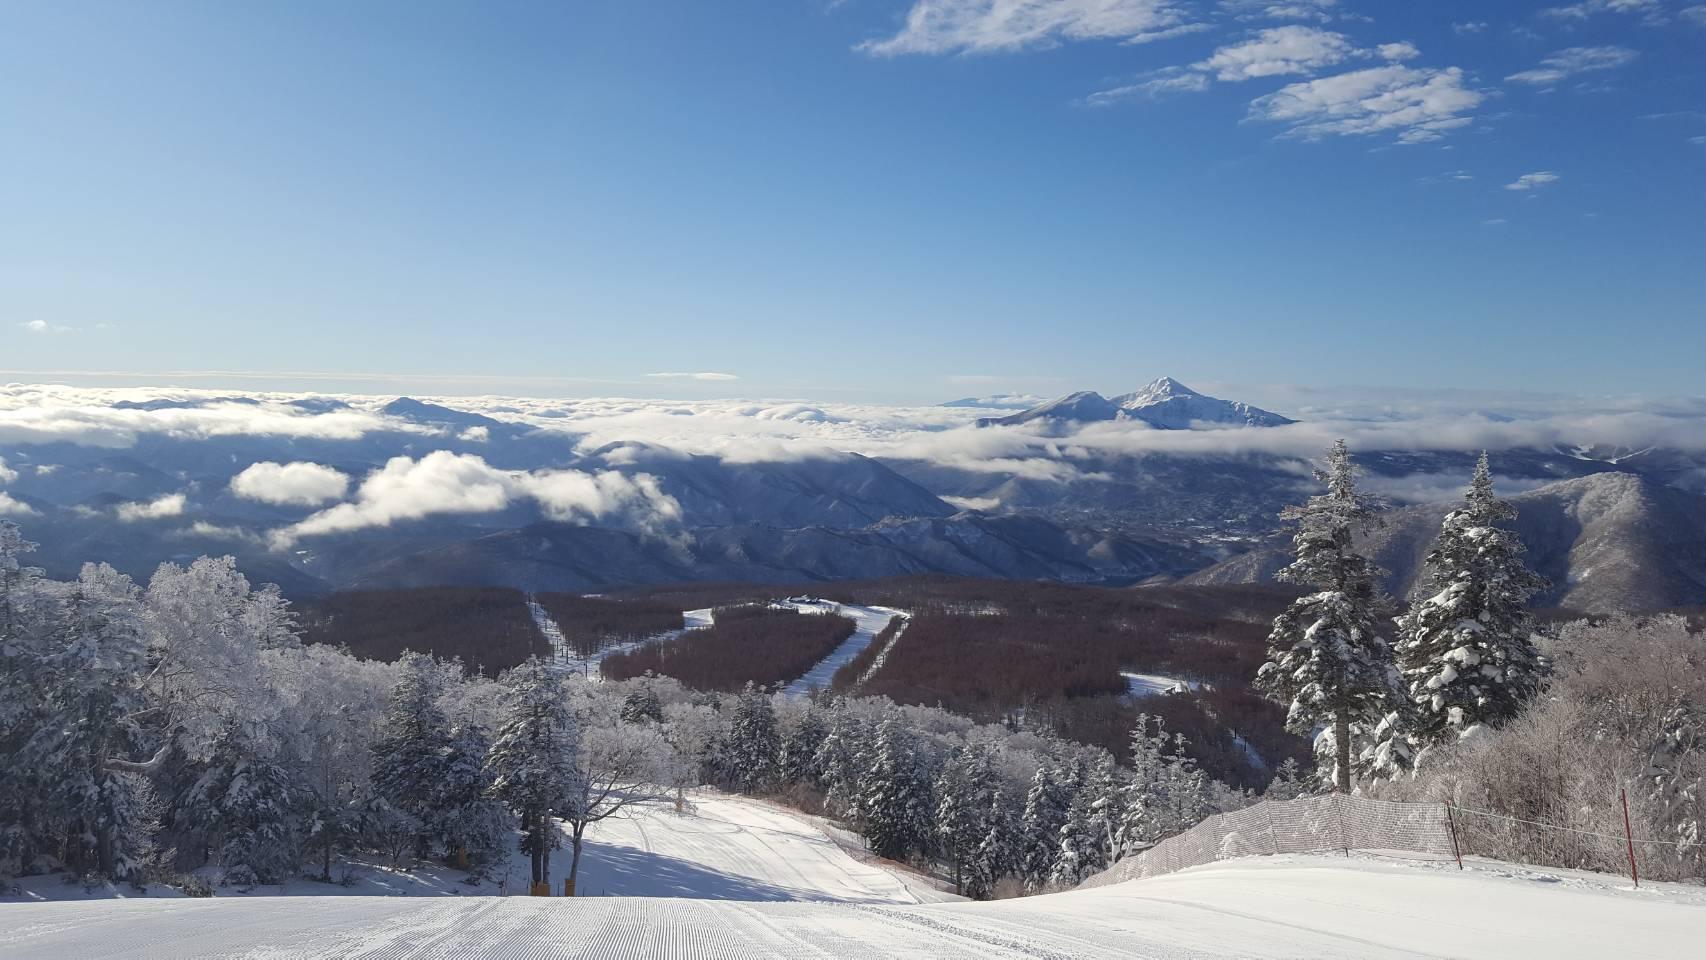 【冬】裏磐梯の雄大な景色が広がる